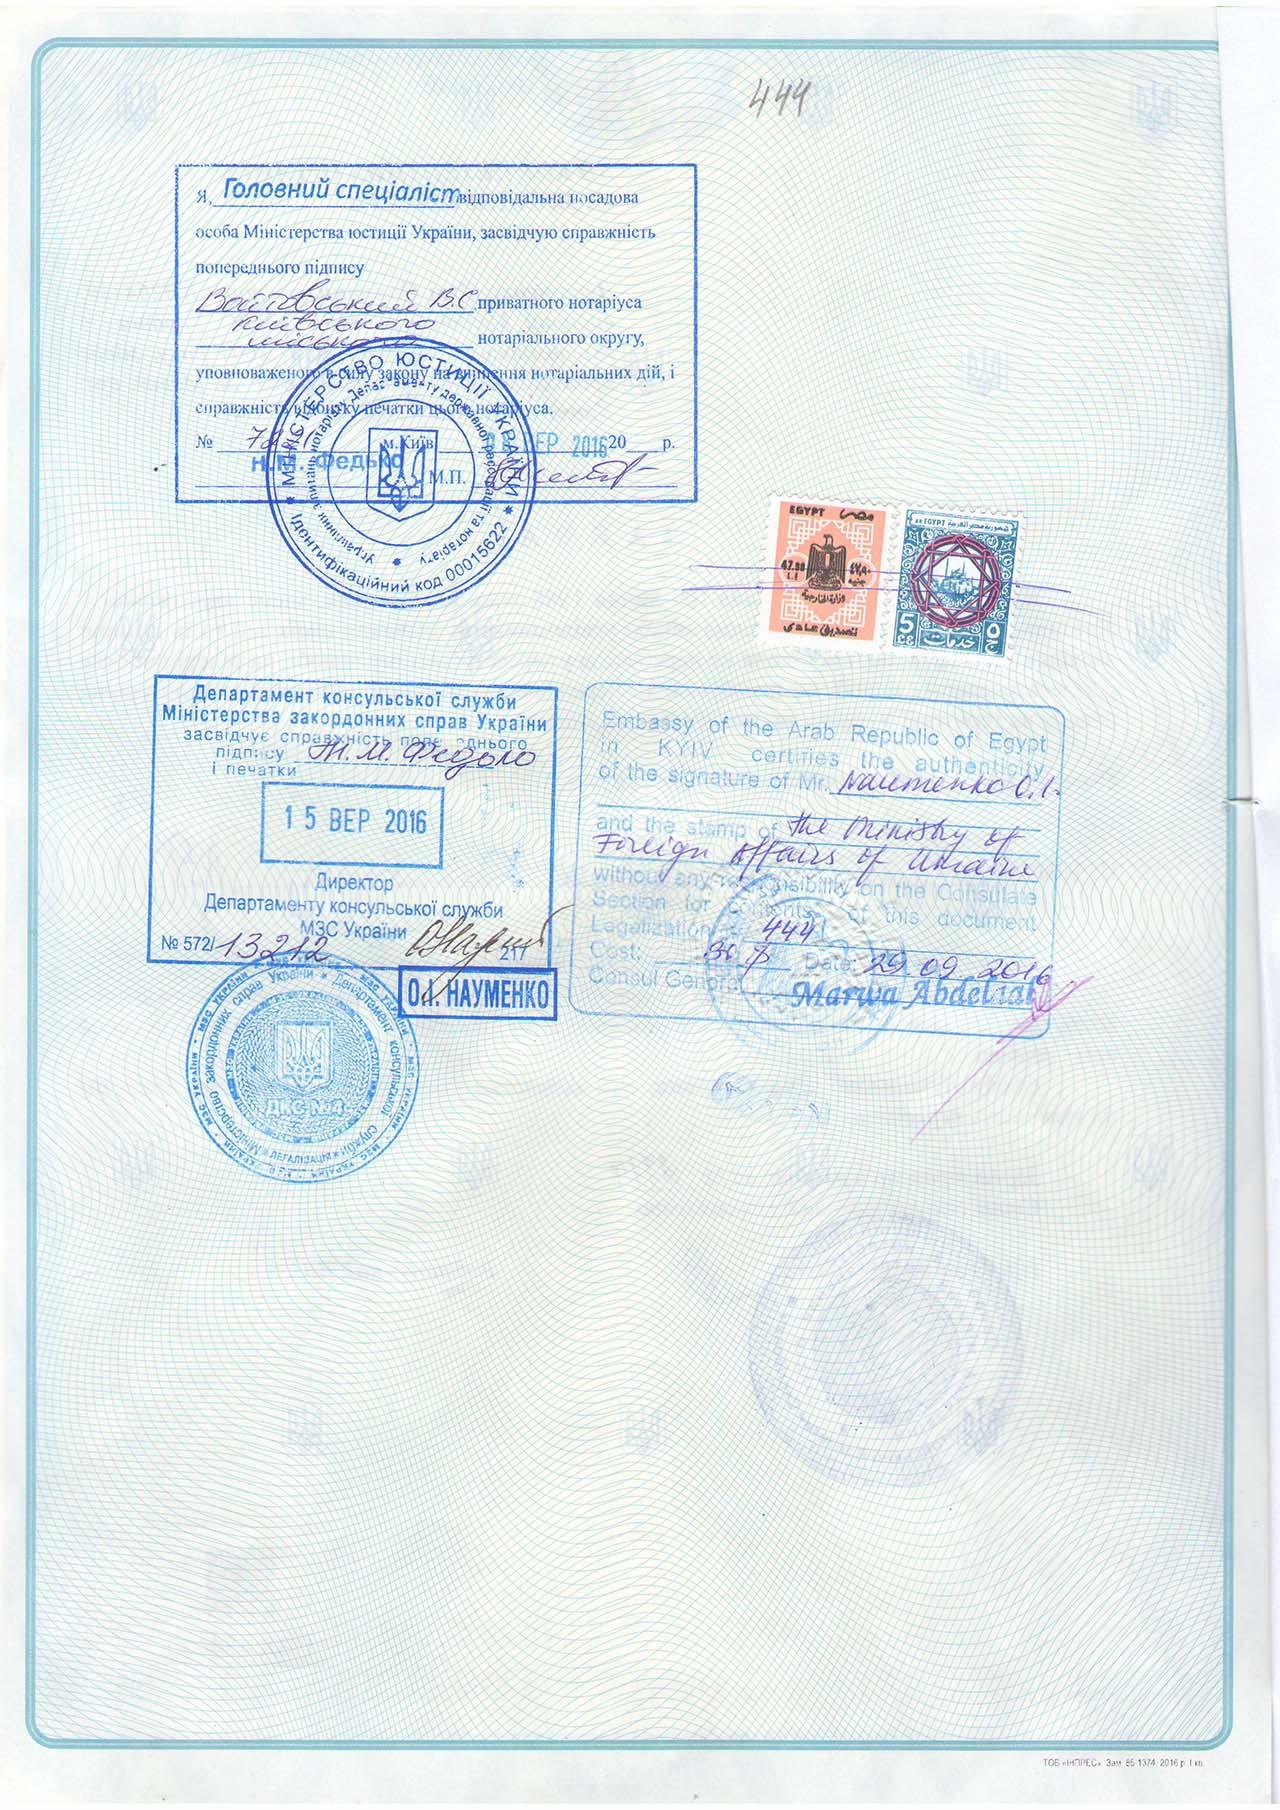 Образец консульской легализации для Египта-1 - Справка Информ